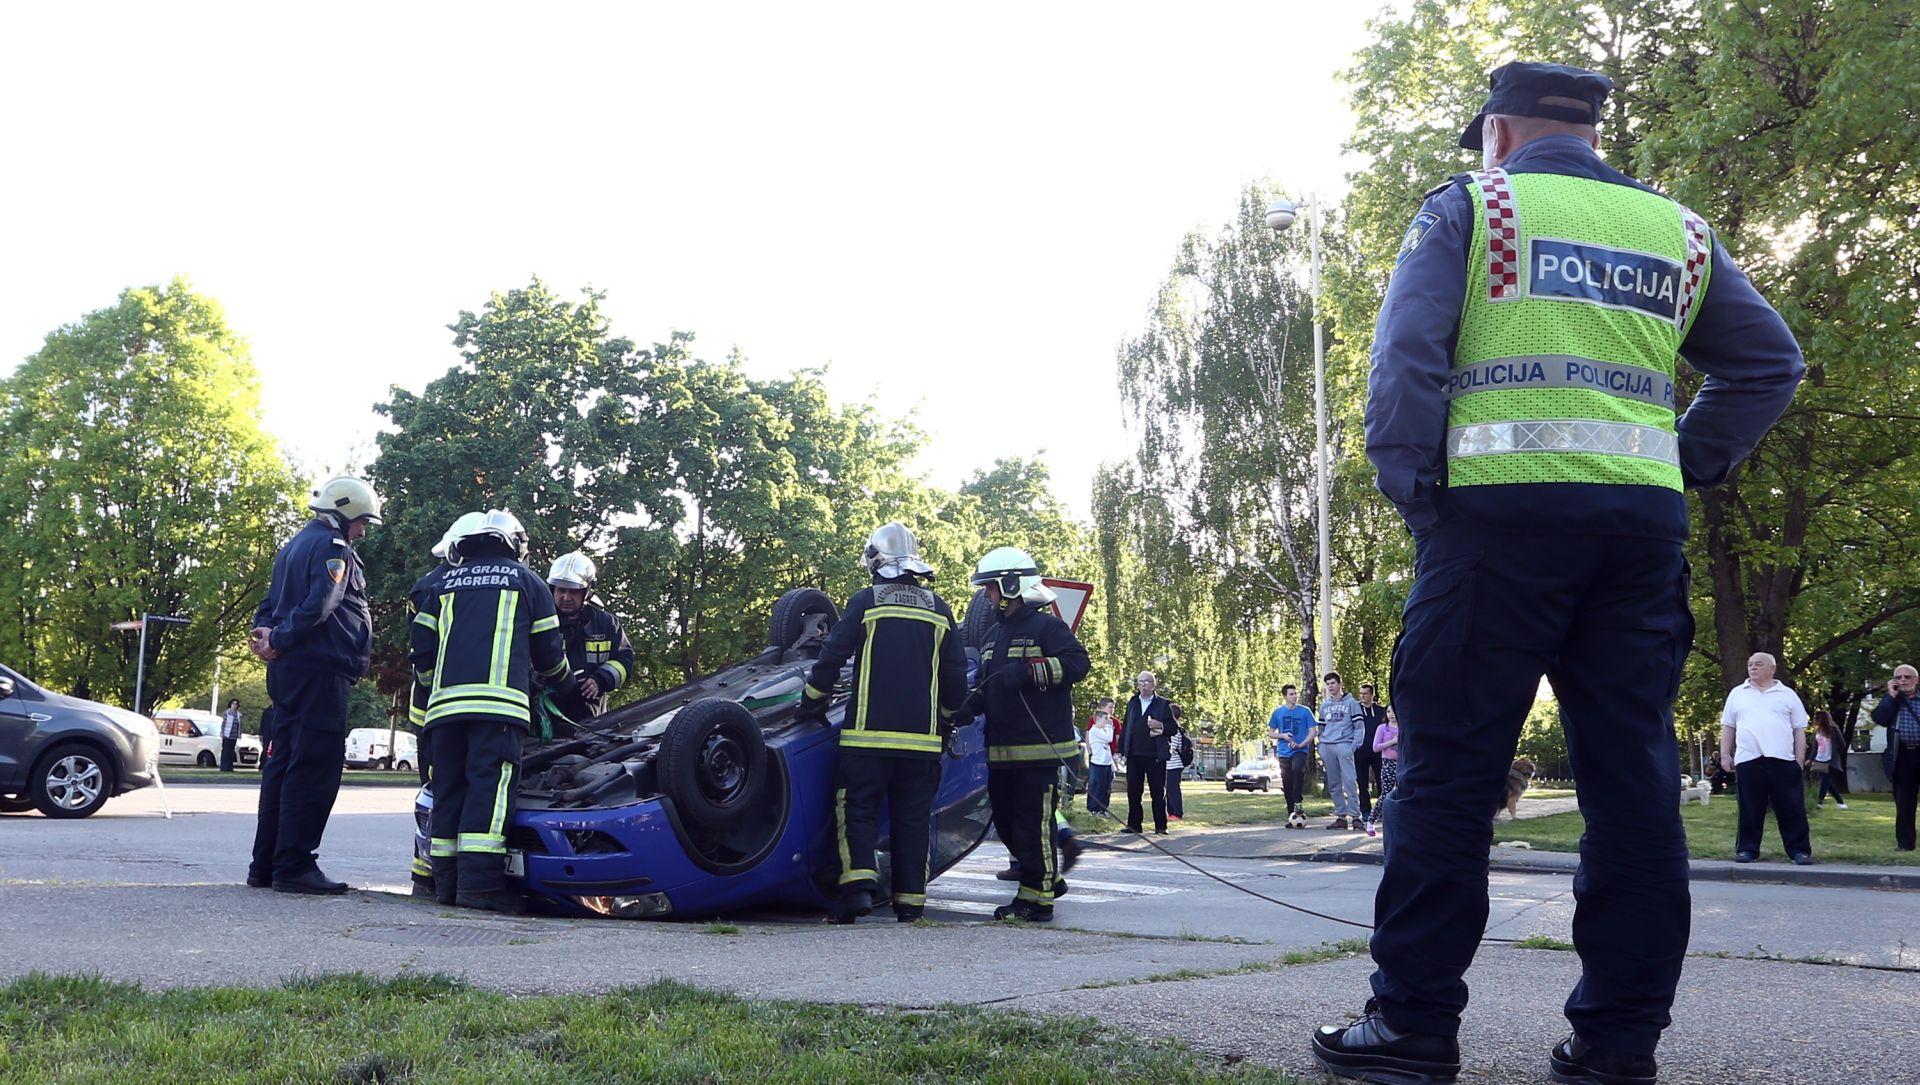 ZAGREBAČKA POLICIJA Porast broja poginulih u prometnim nesrećama